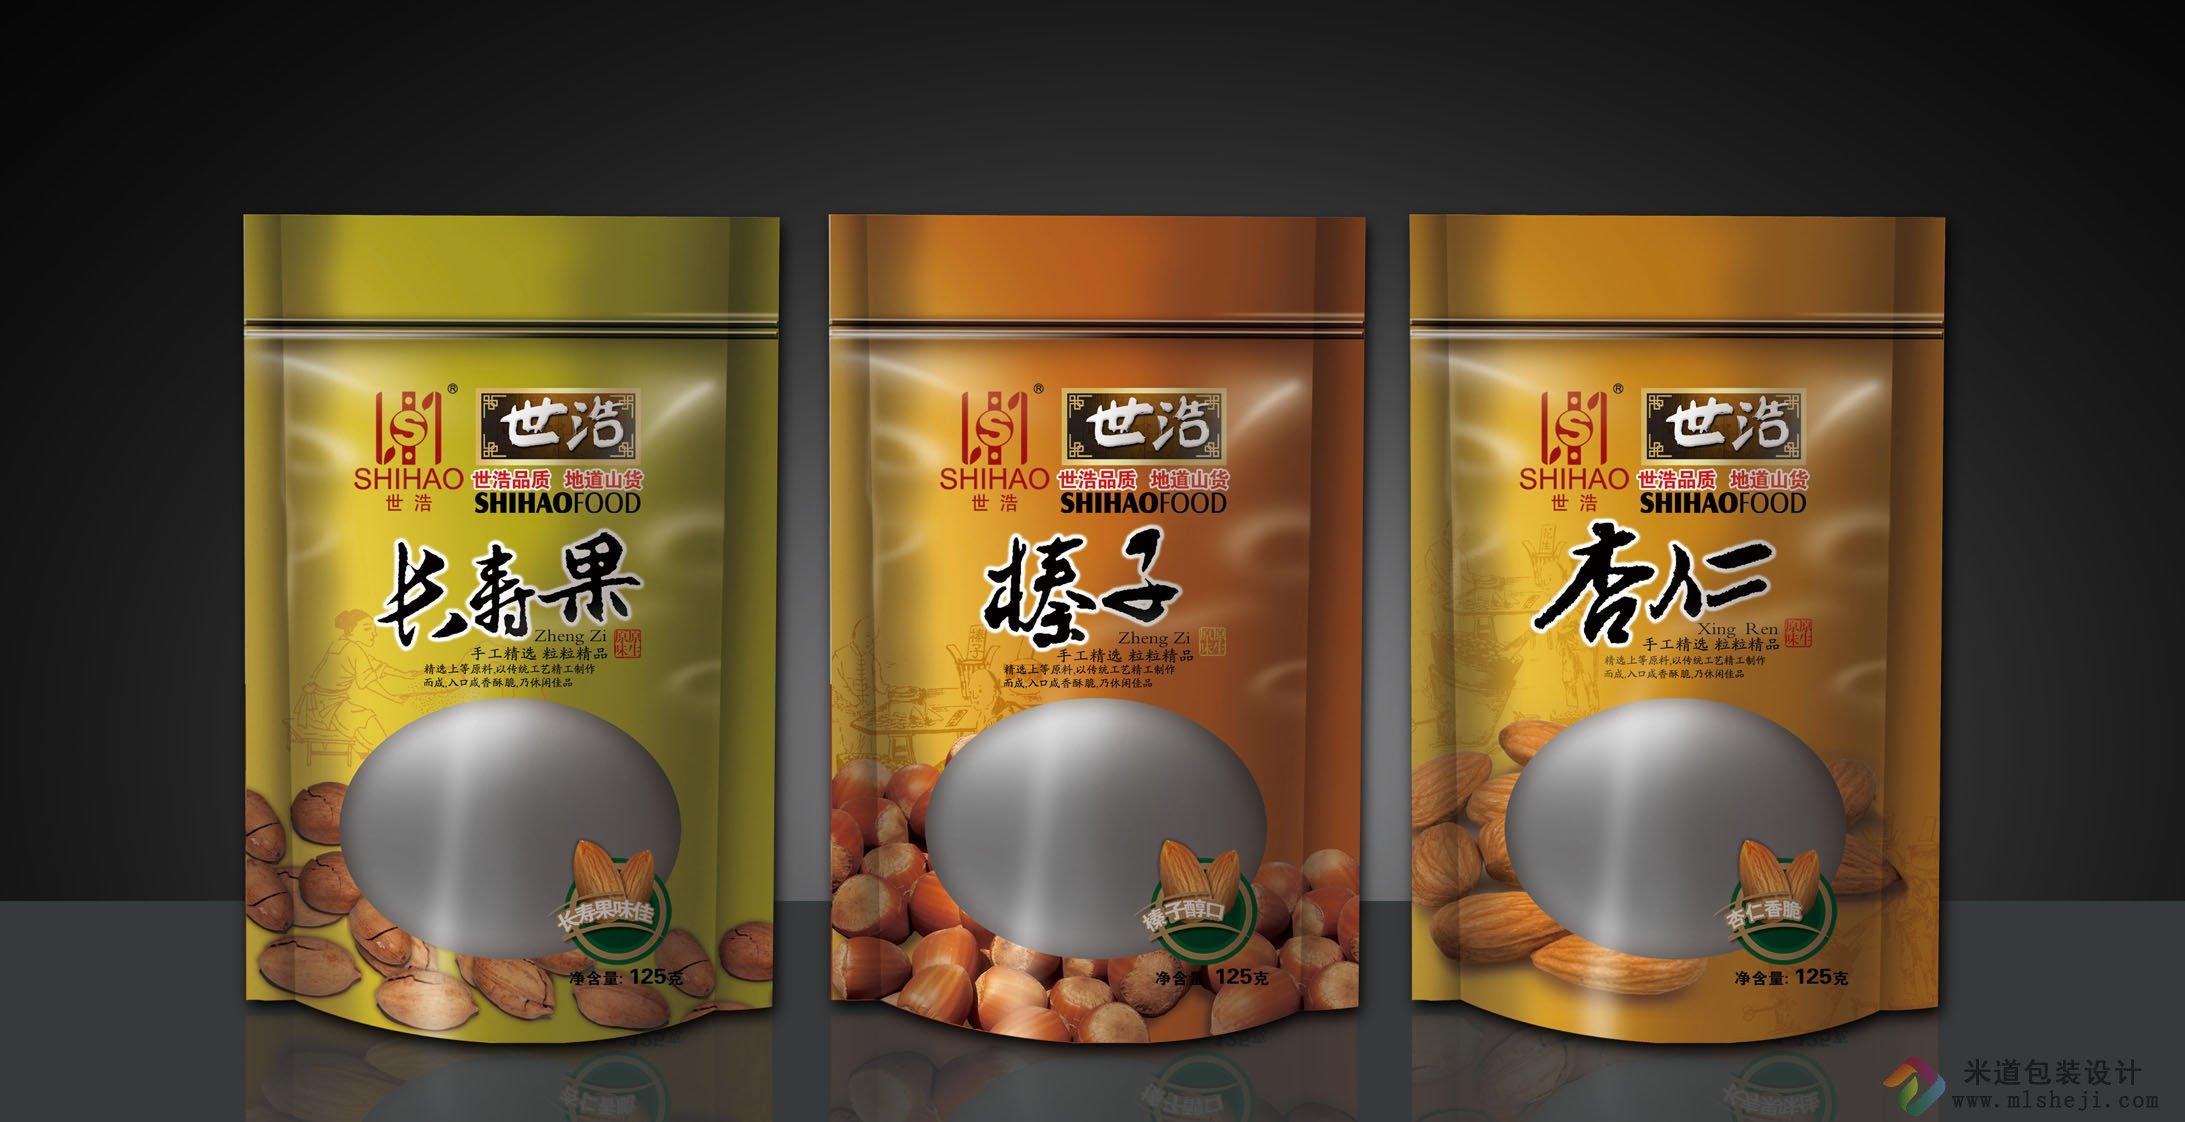 郑州酒包装设计 巧克力包装设计 系列包装设计